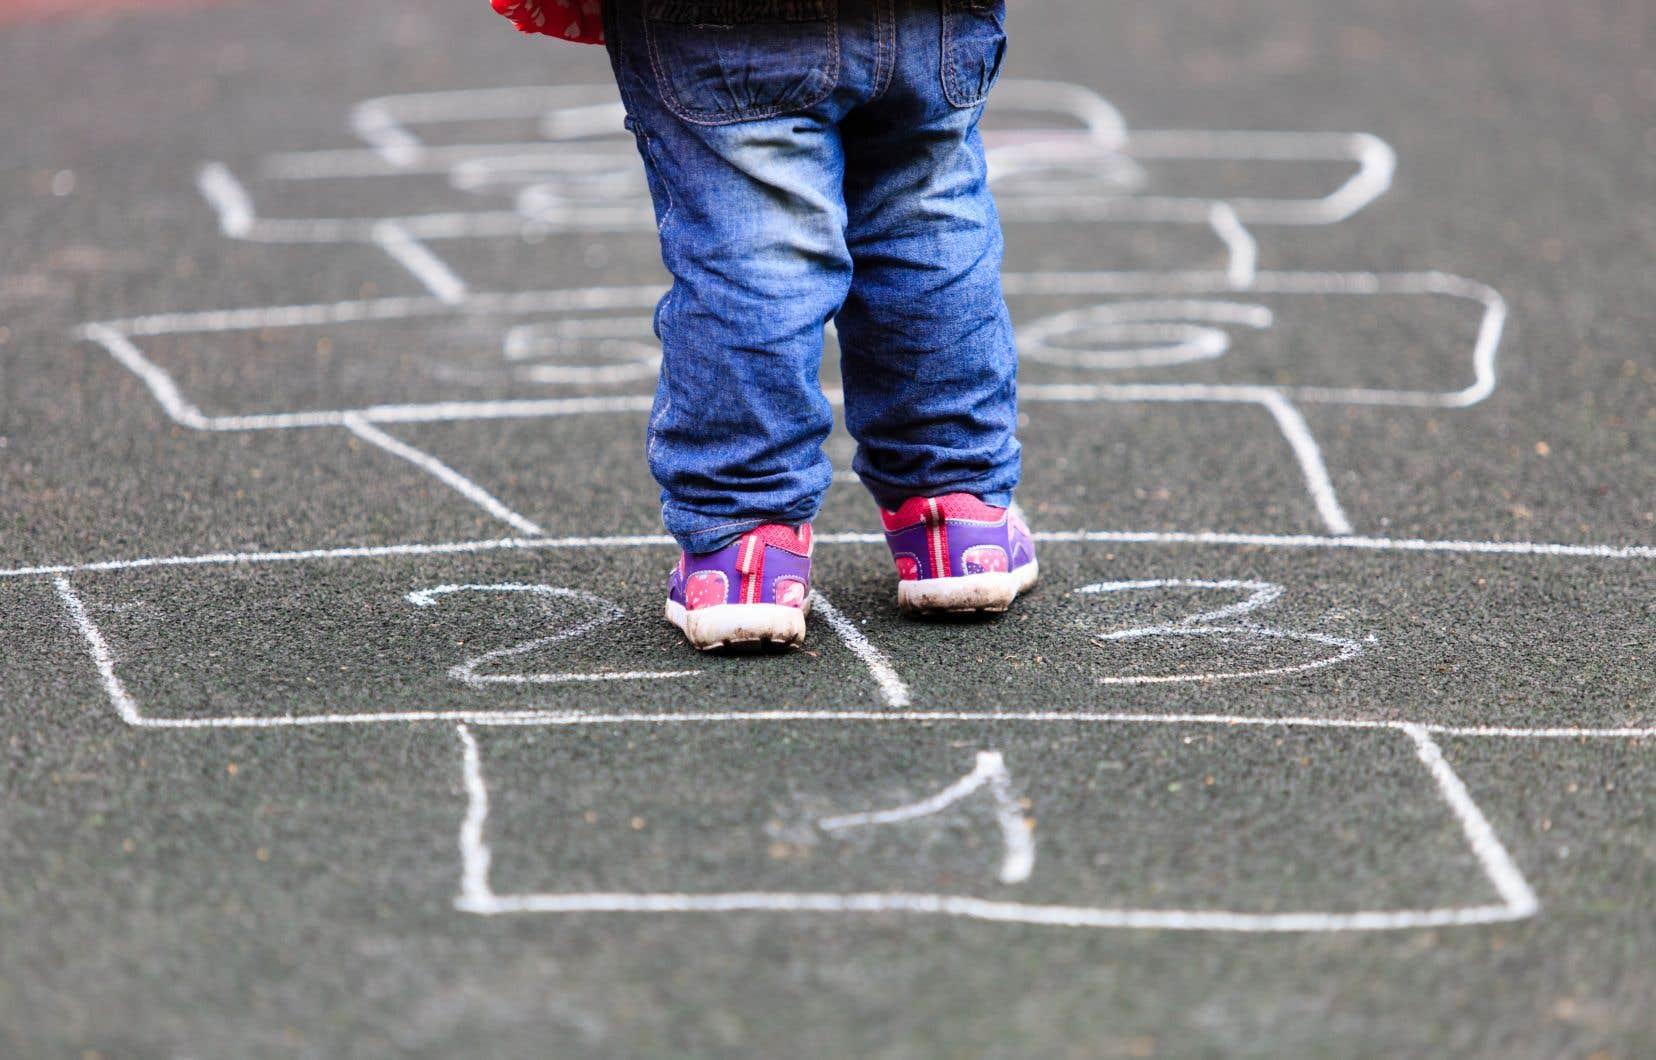 «La maltraitance est le symptôme extrême de notre inhabileté collective à répondre aux besoins de milliers d'enfants et de familles du Québec», souligne l'autrice.